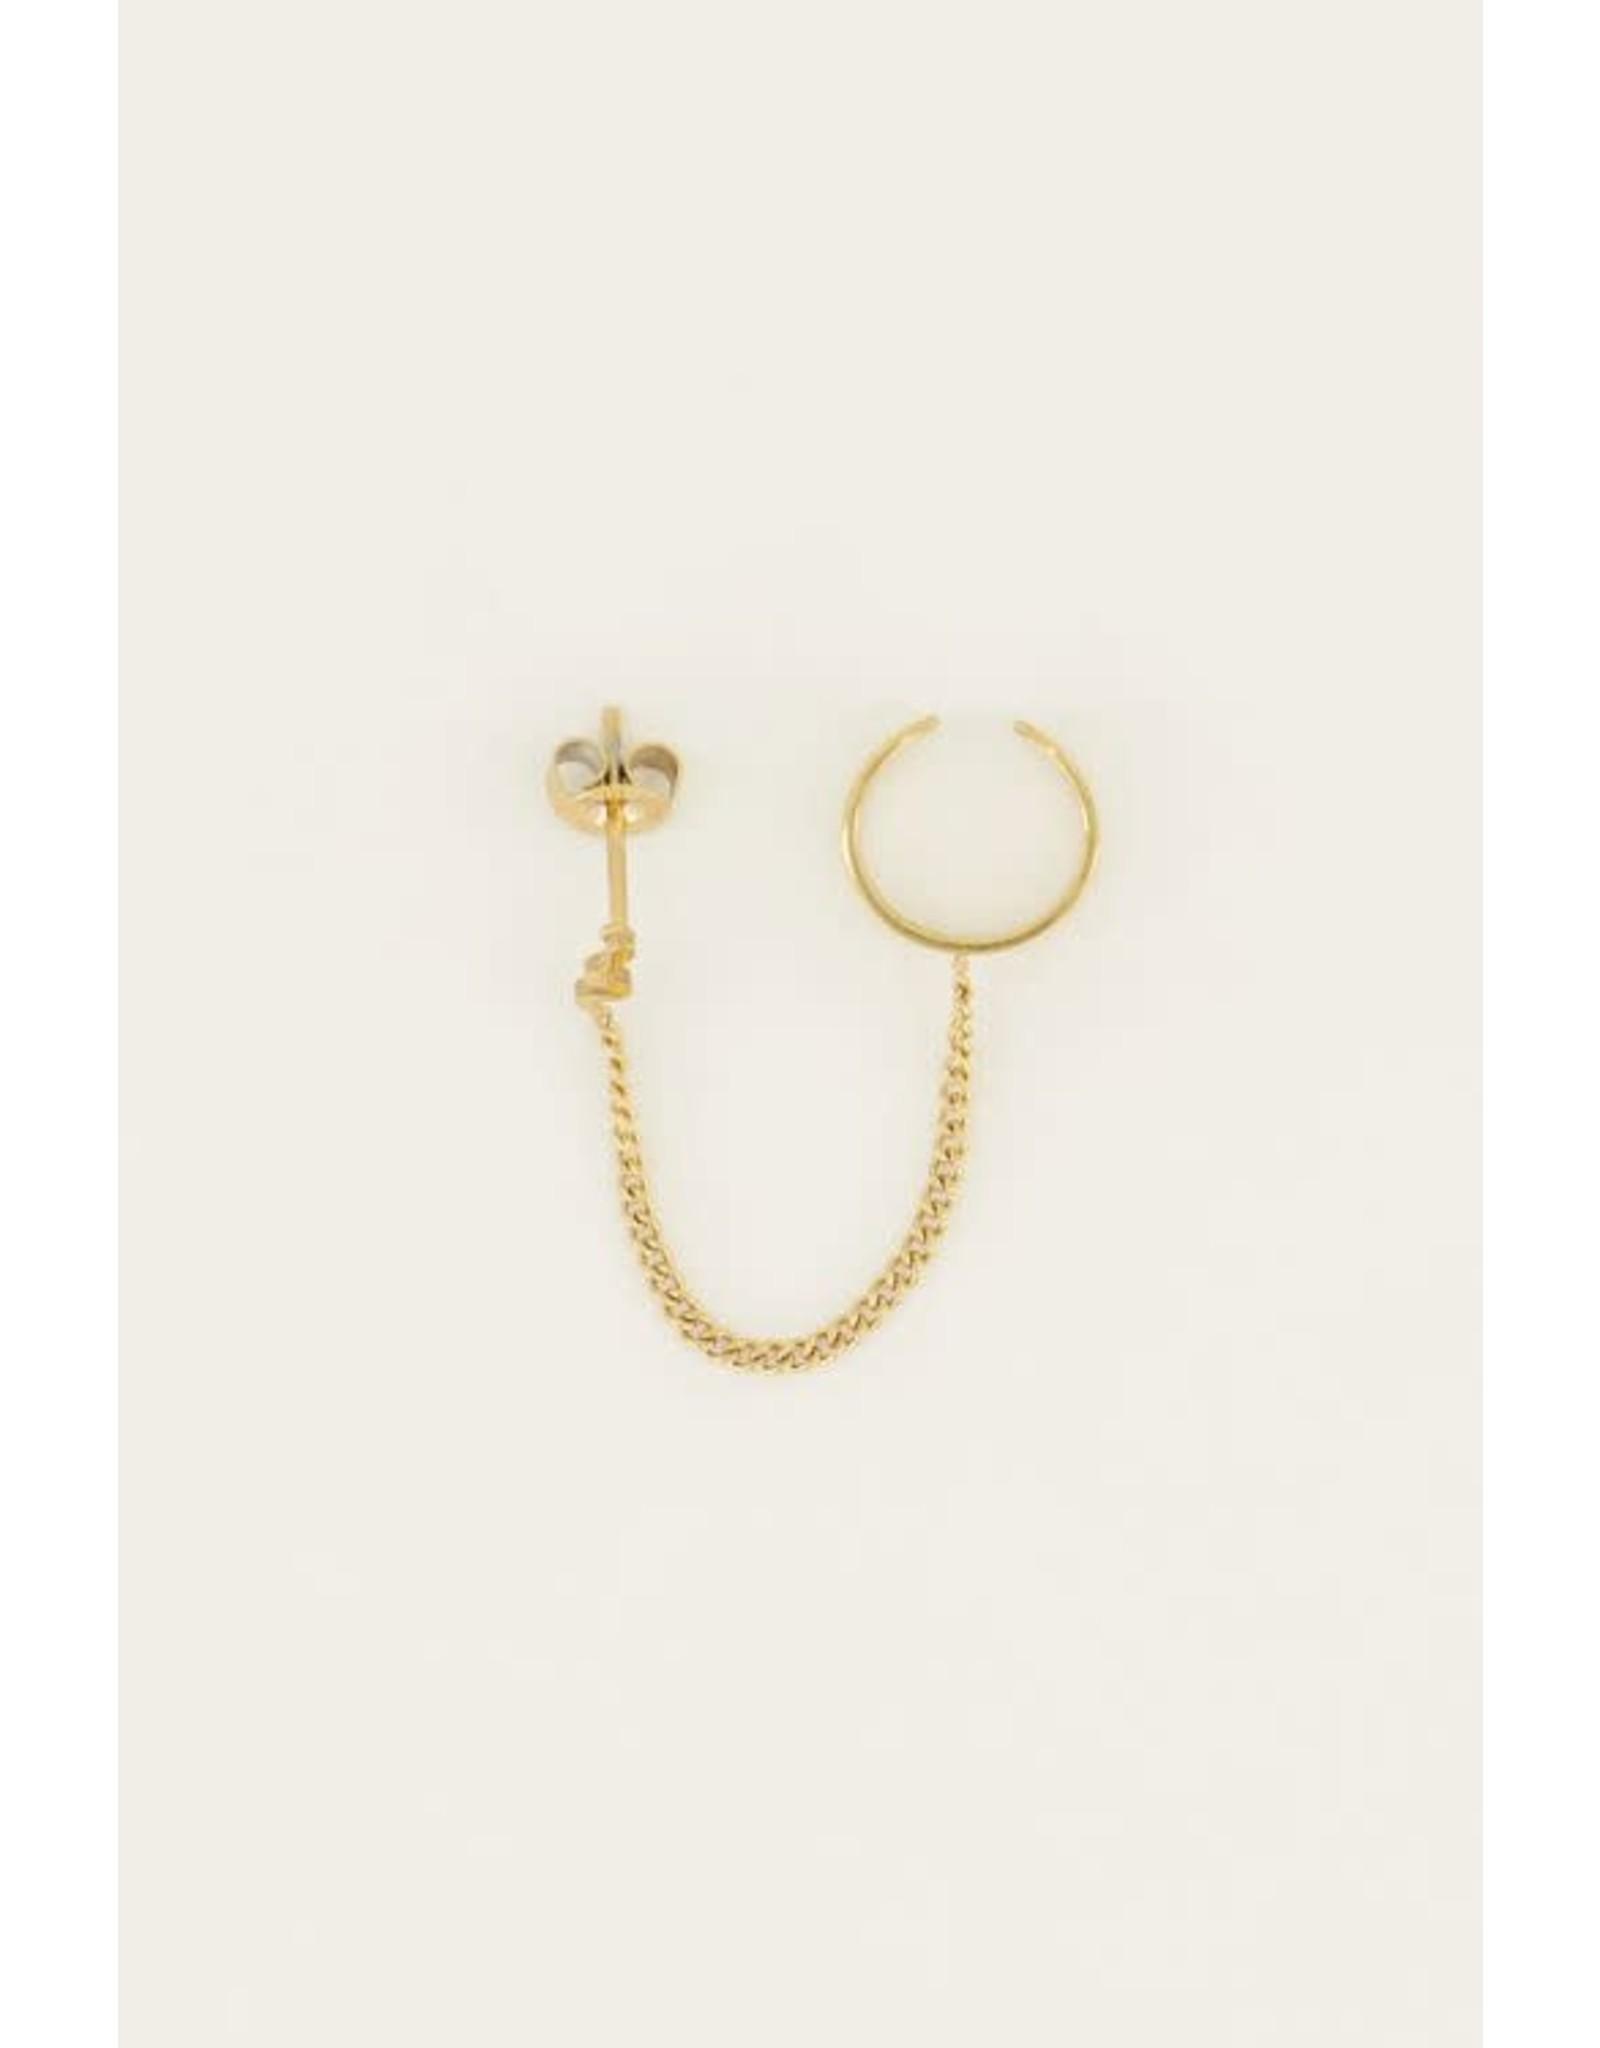 My Jewellery My Jewellery ear cuff slang stud